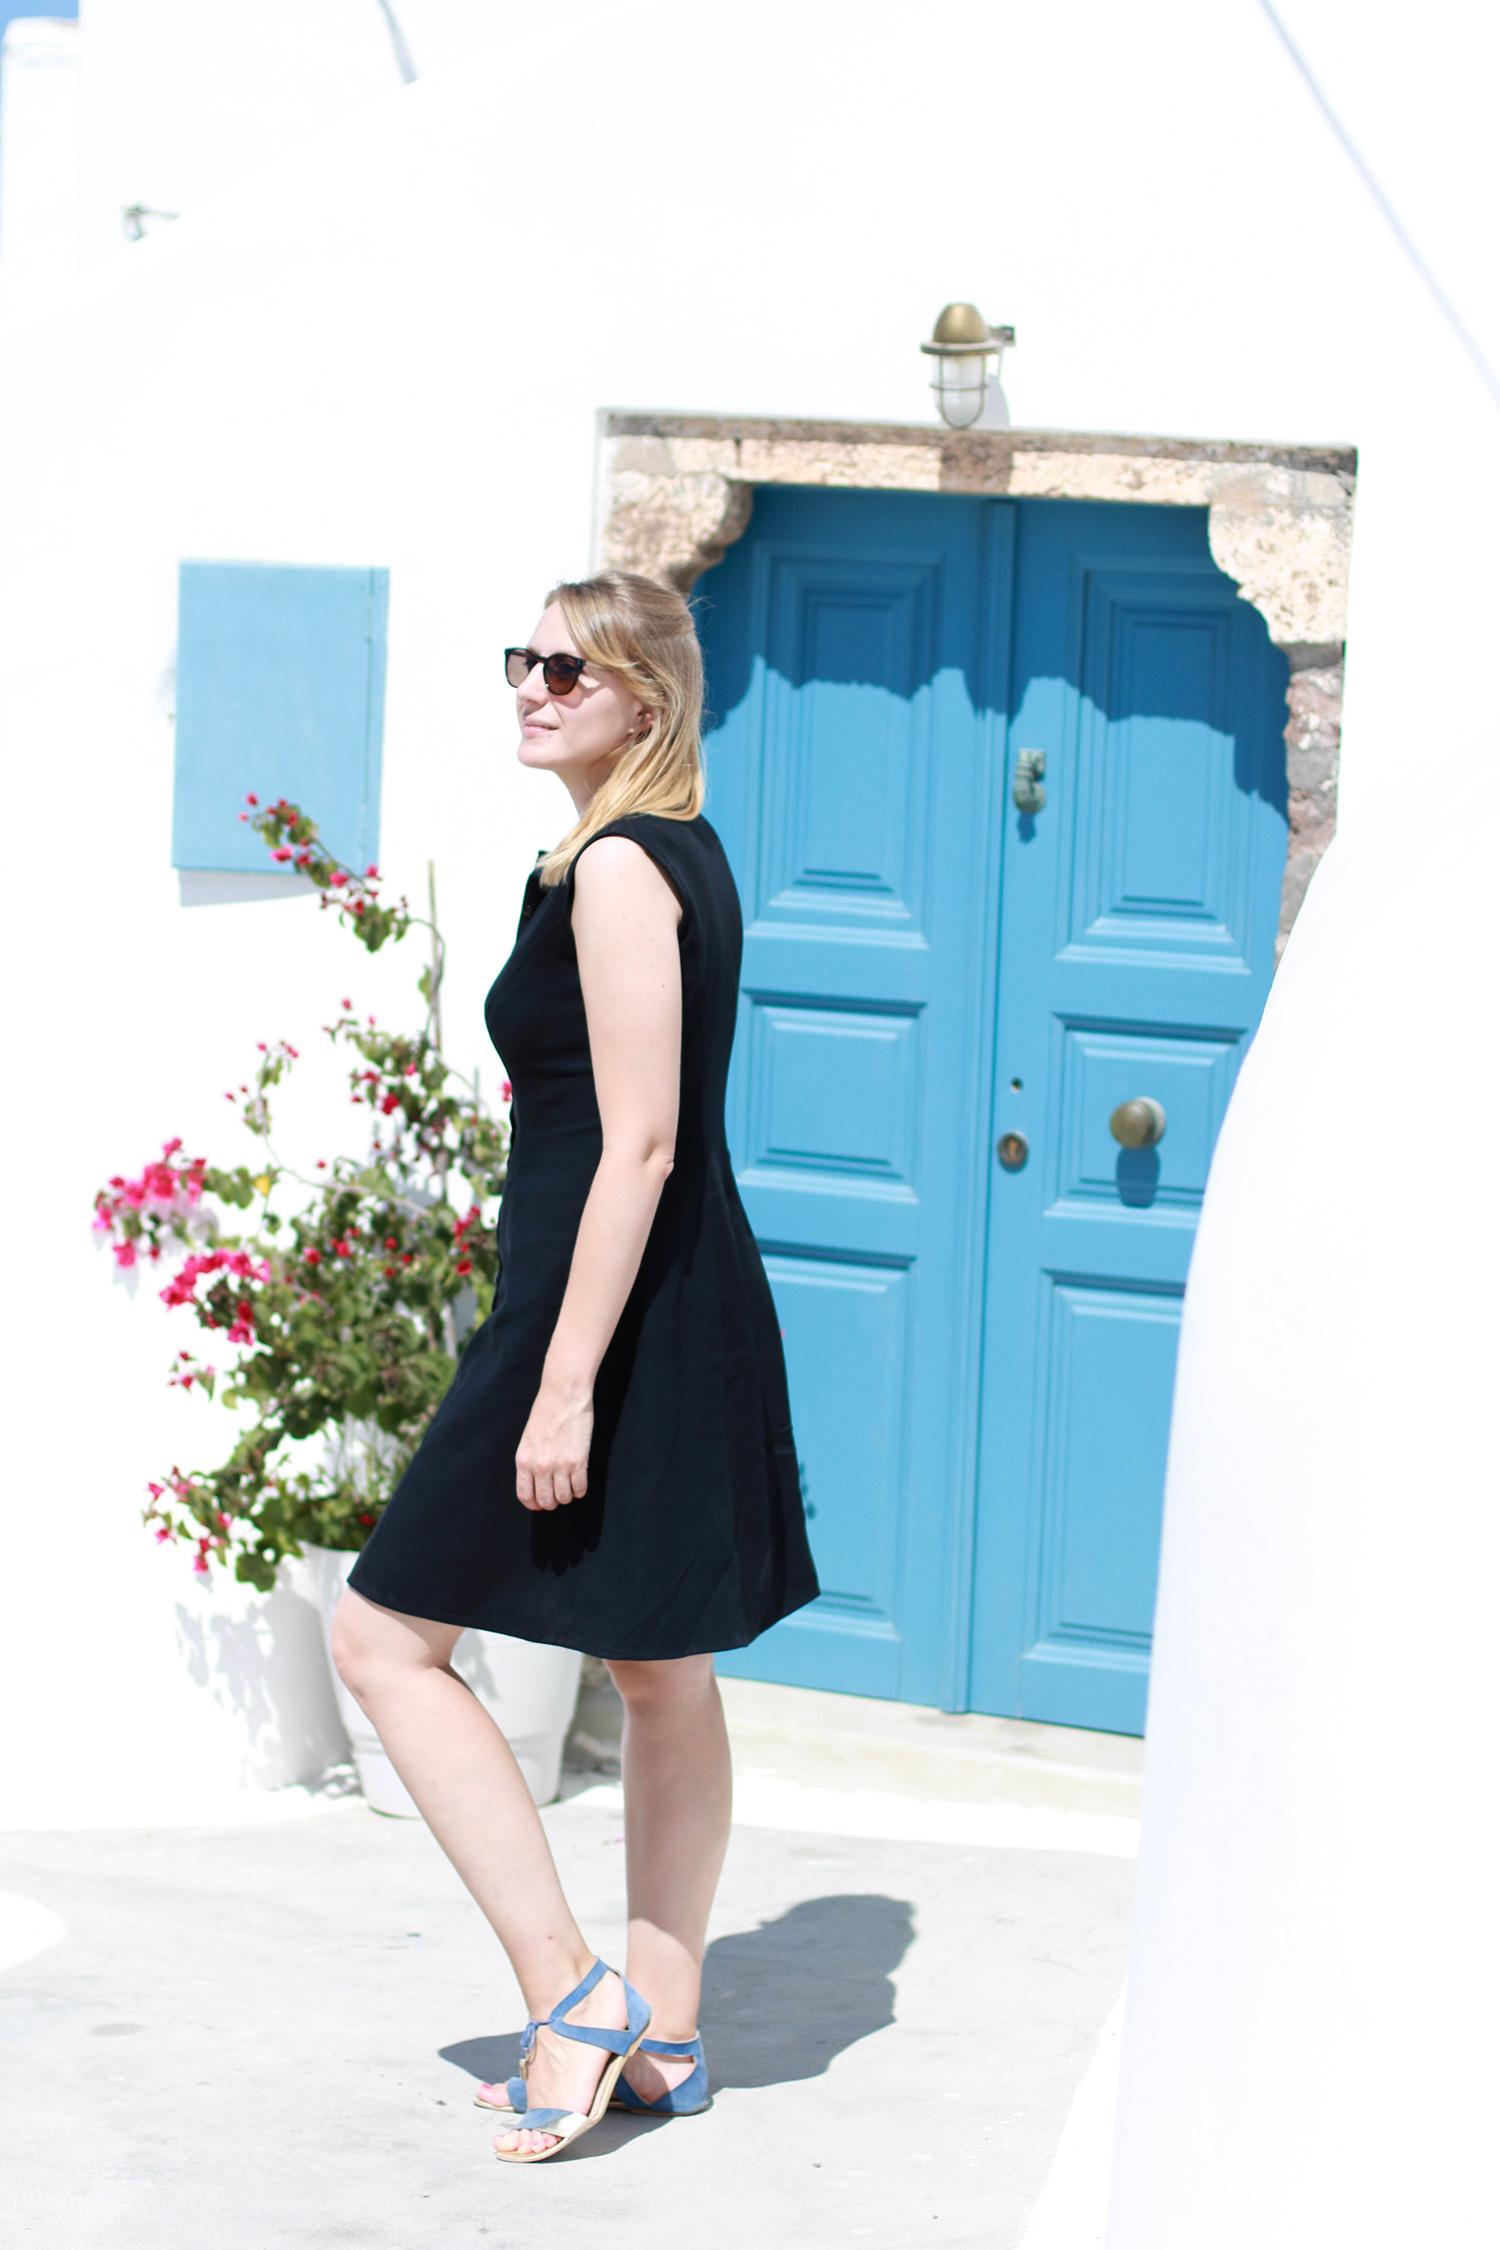 Populaire Bleuet dans les Cyclades - Atelier Svila GD47